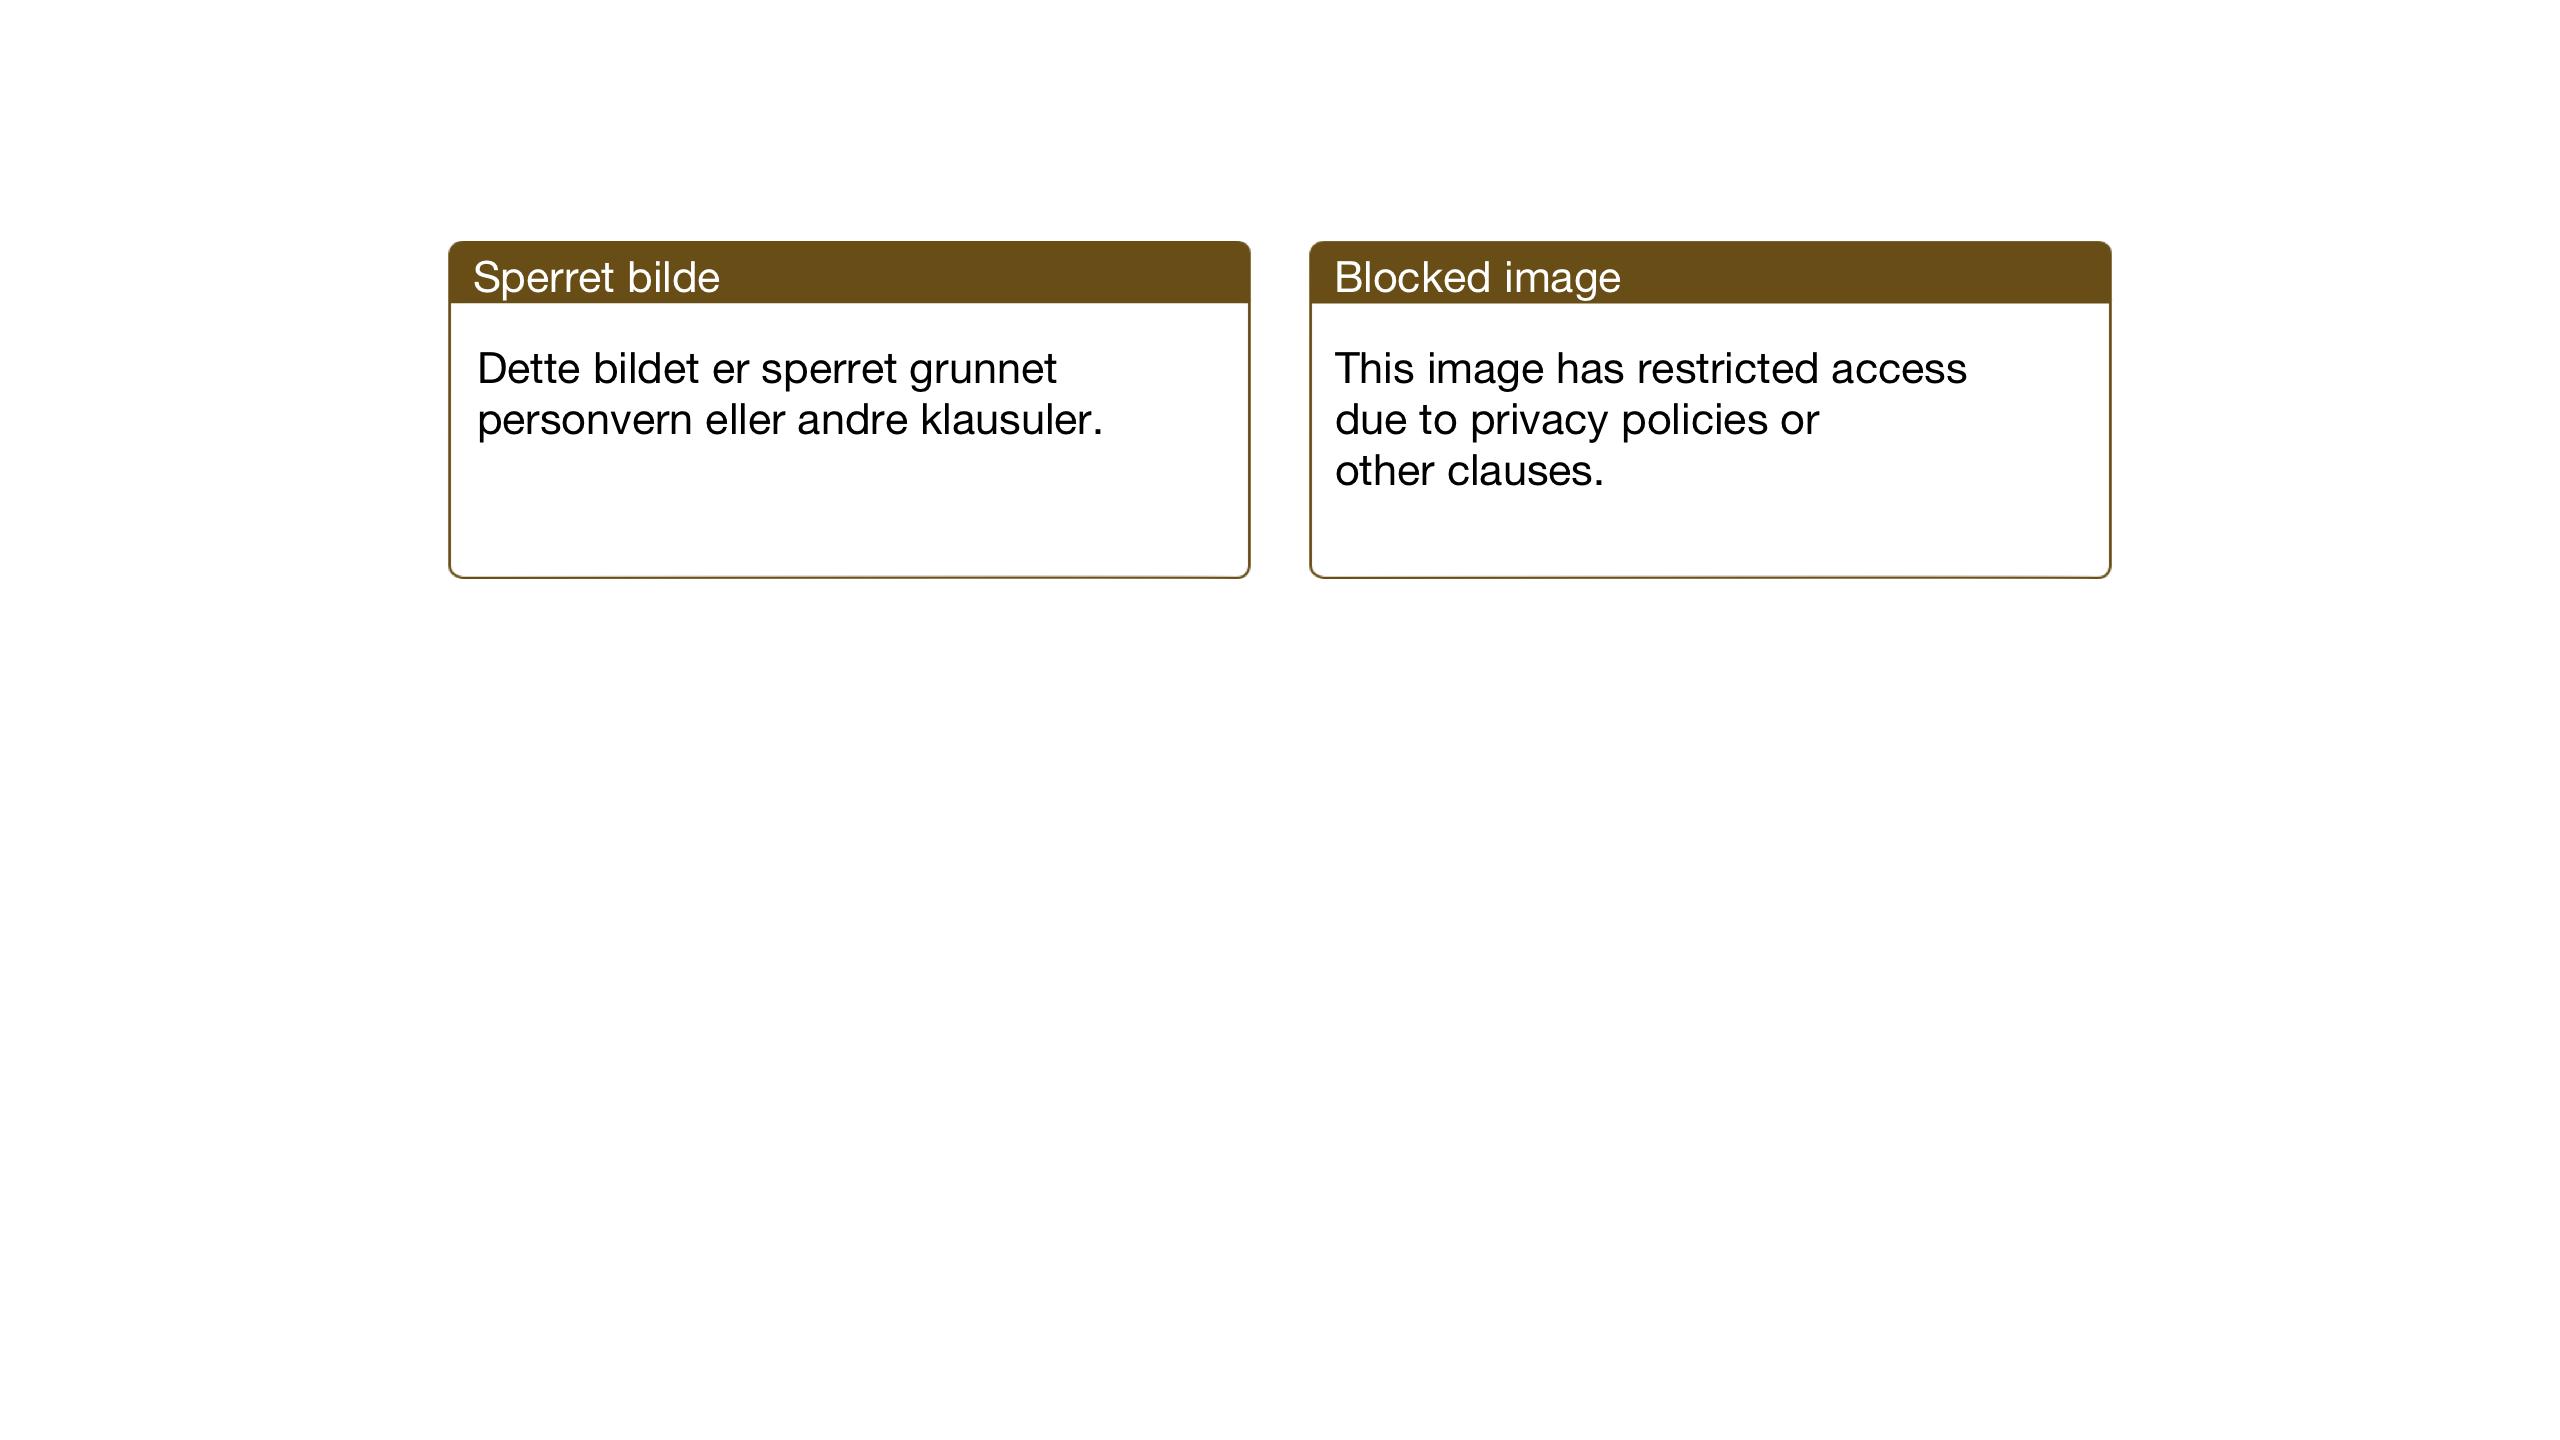 SAT, Ministerialprotokoller, klokkerbøker og fødselsregistre - Sør-Trøndelag, 682/L0947: Klokkerbok nr. 682C01, 1926-1968, s. 140